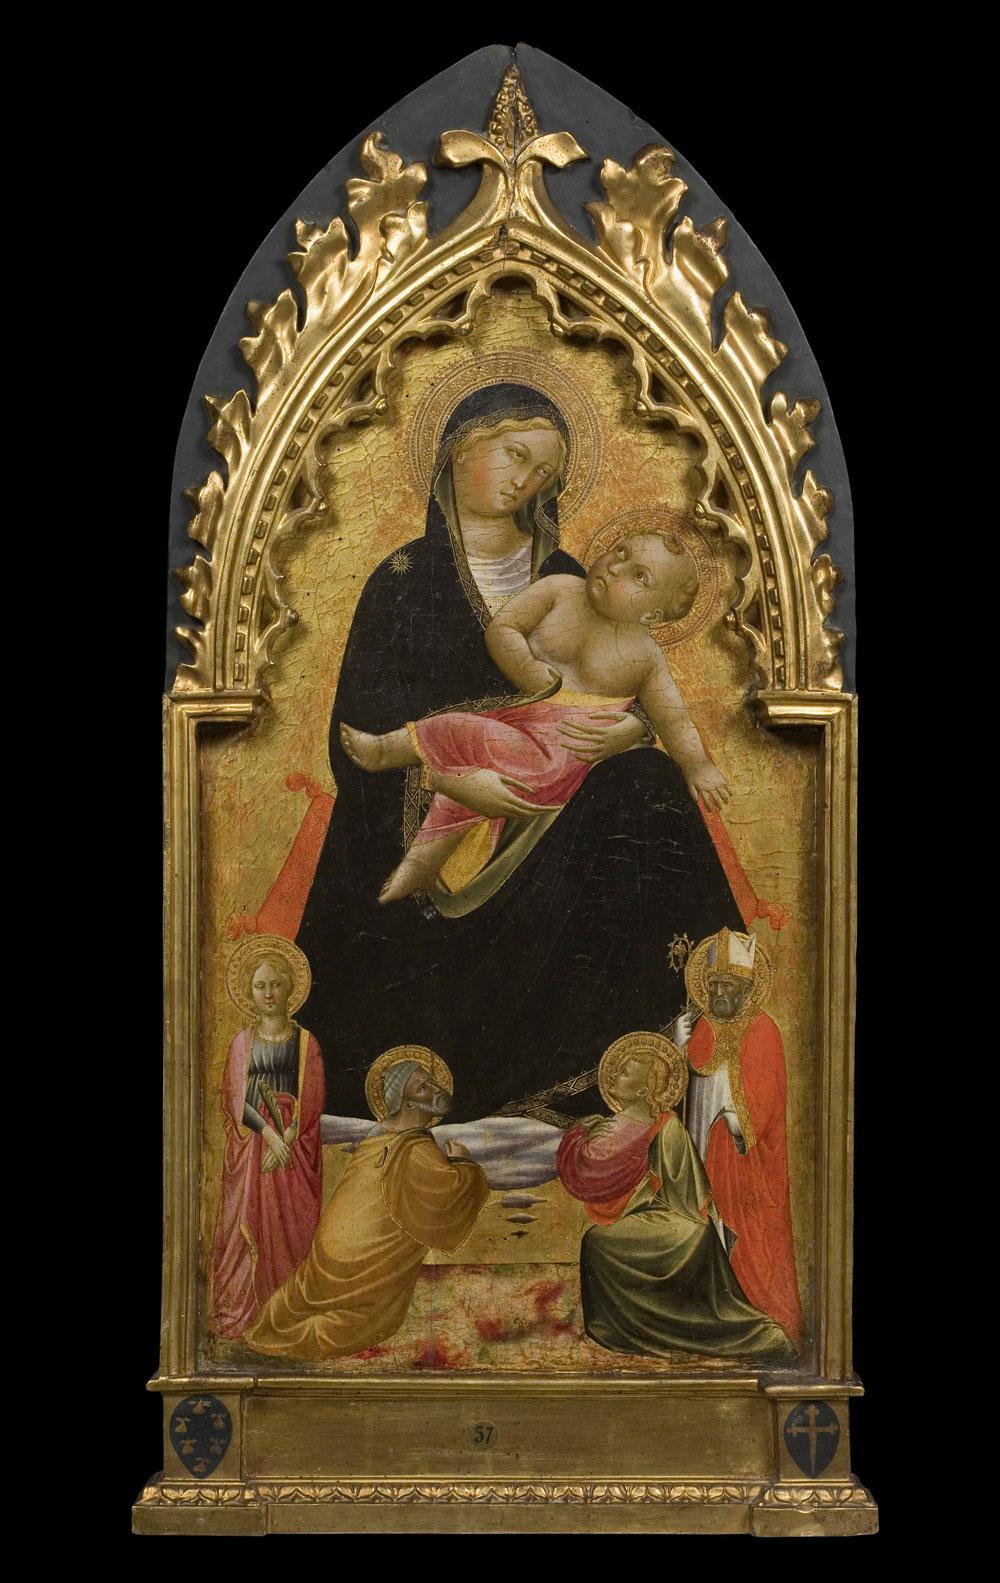 Fondi Oro dalla Svizzera. I carabinieiri recuperano due opere che entrano nella collezione della Galleria dell'Accademia di Firenze